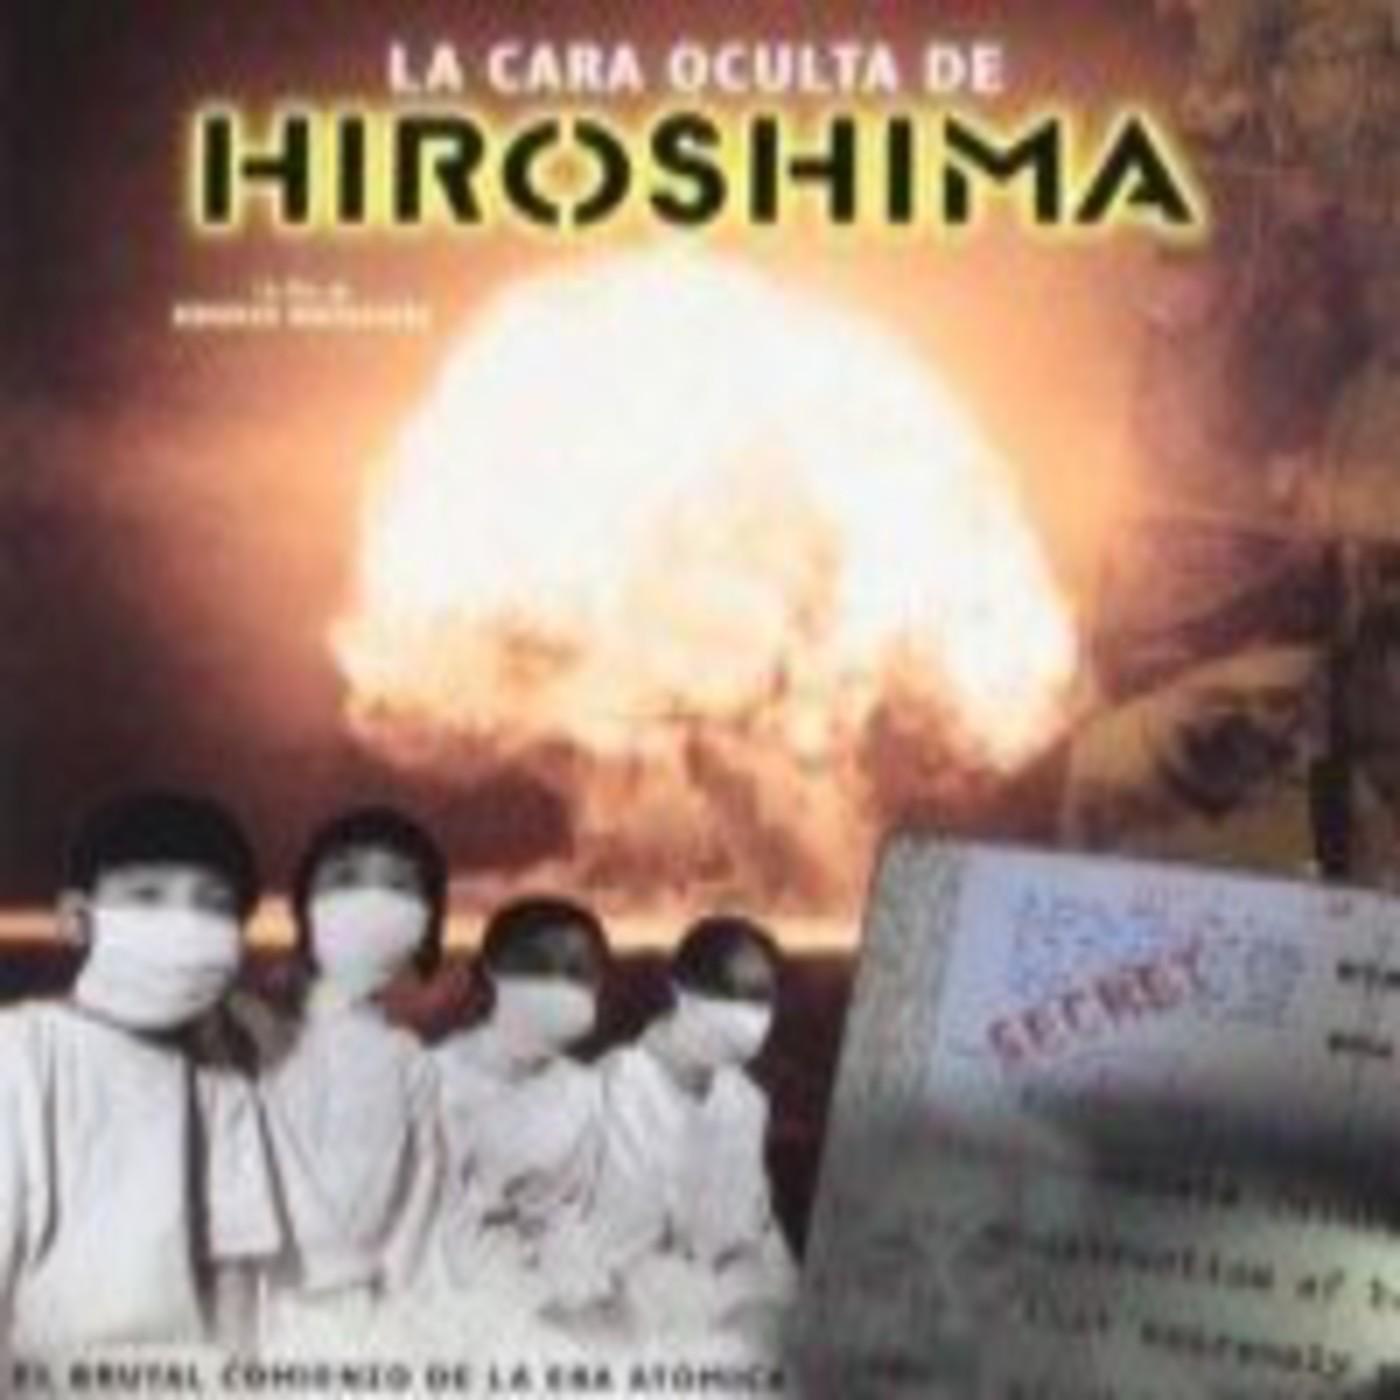 La cara oculta de Hiroshima